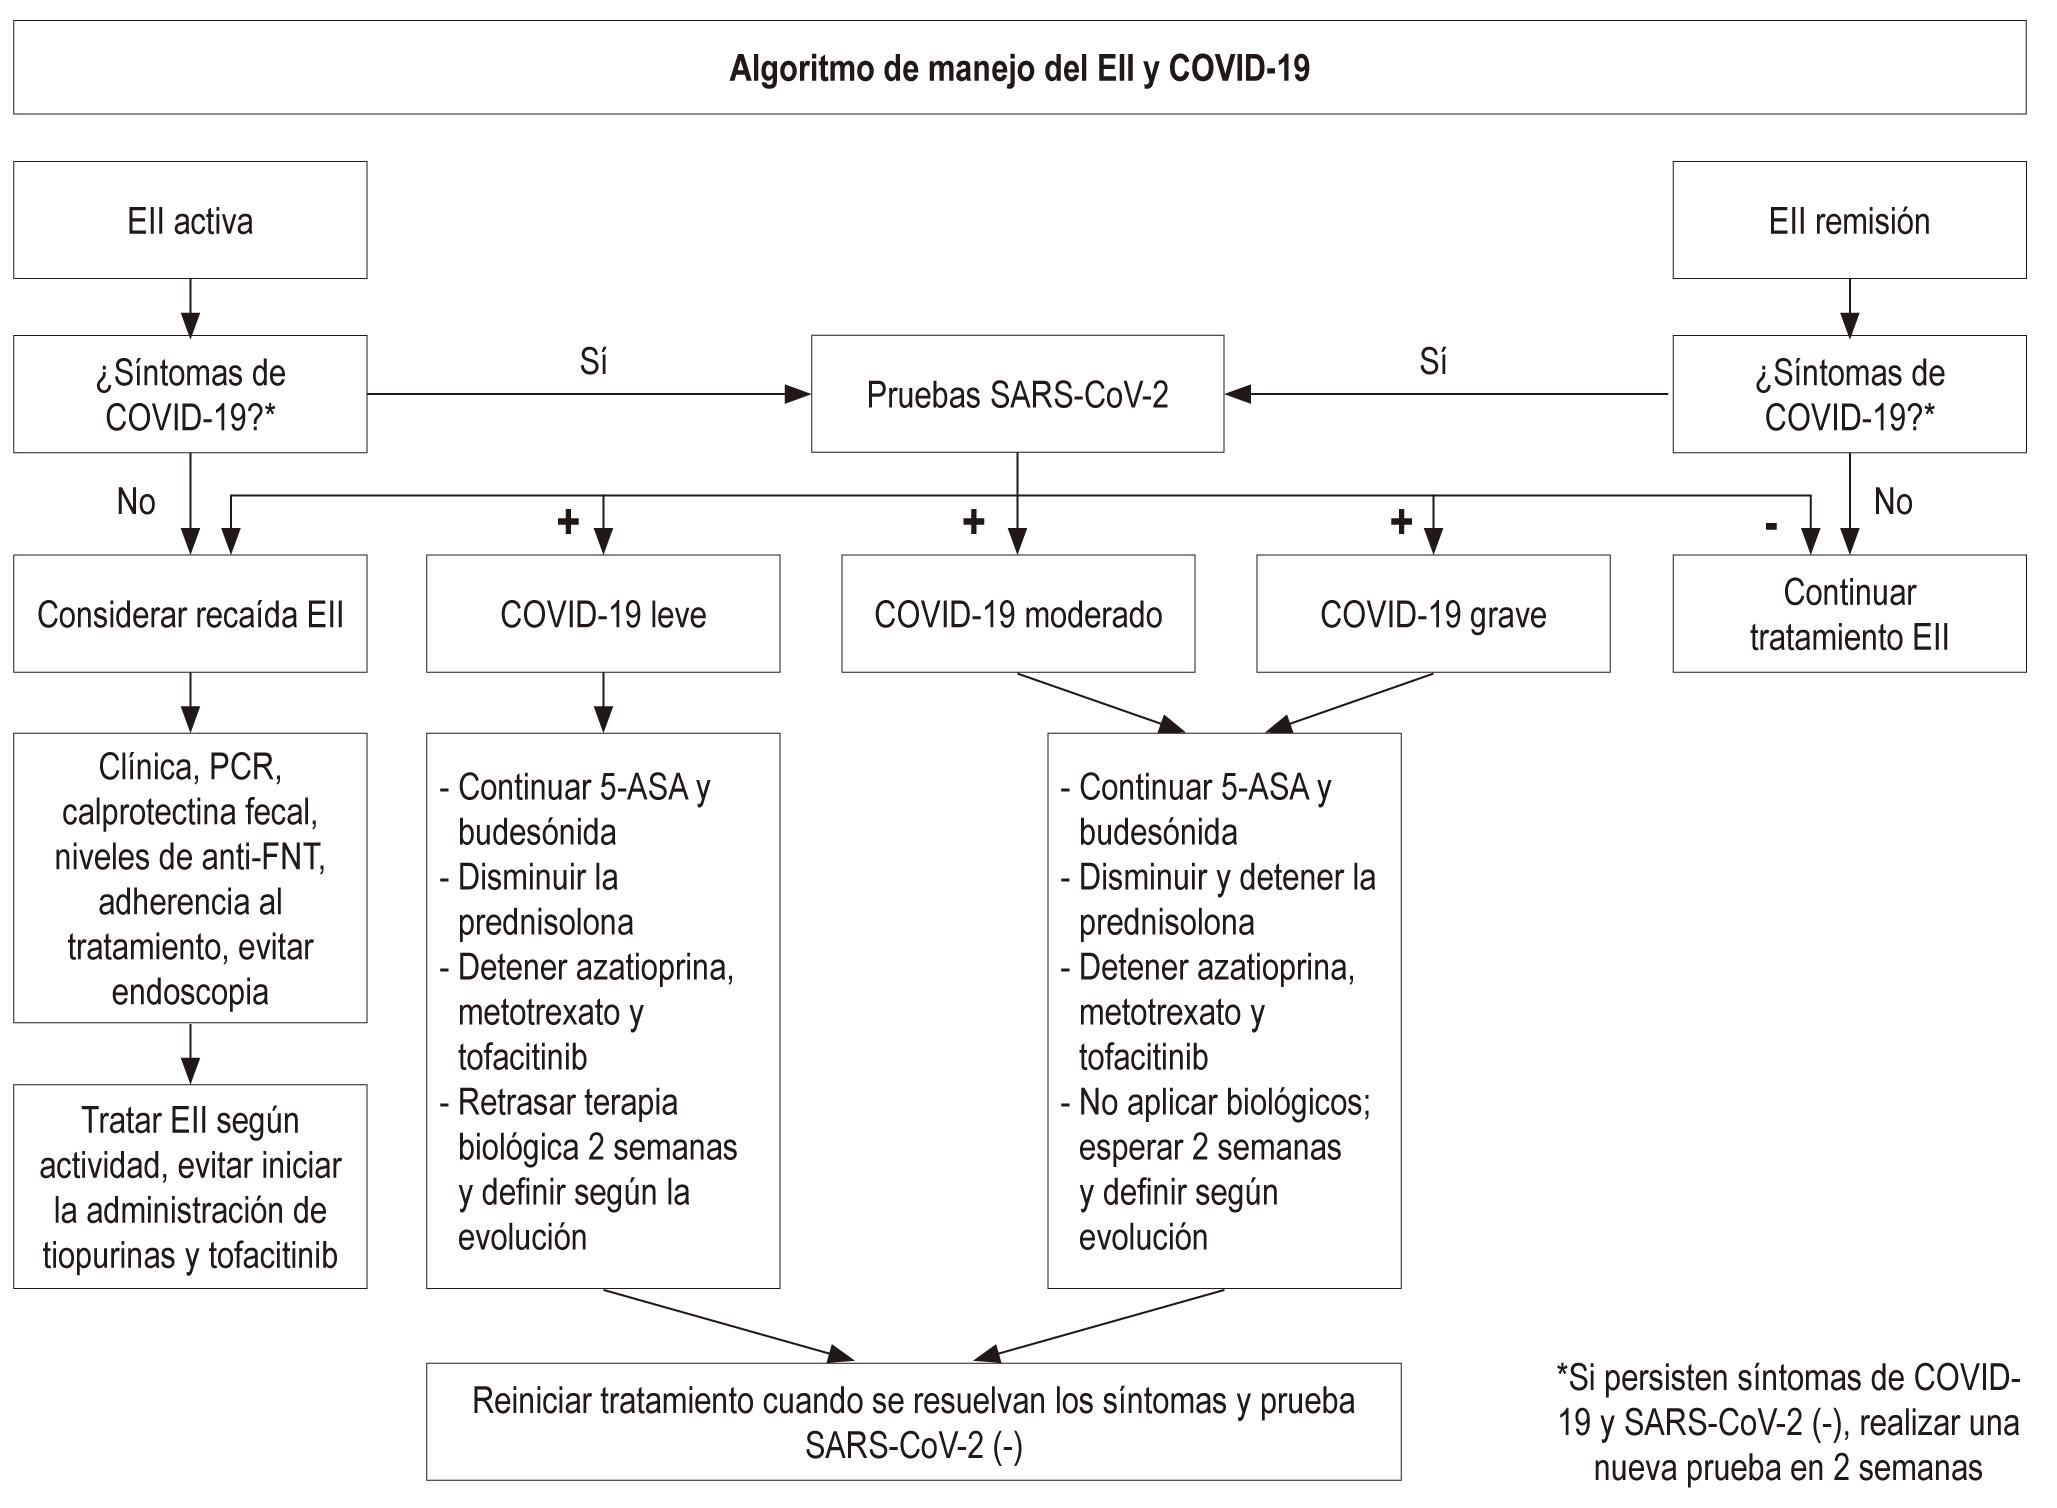 Figura 1. Algoritmo de manejo EII y COVID-19. Adaptado de la referencia 38